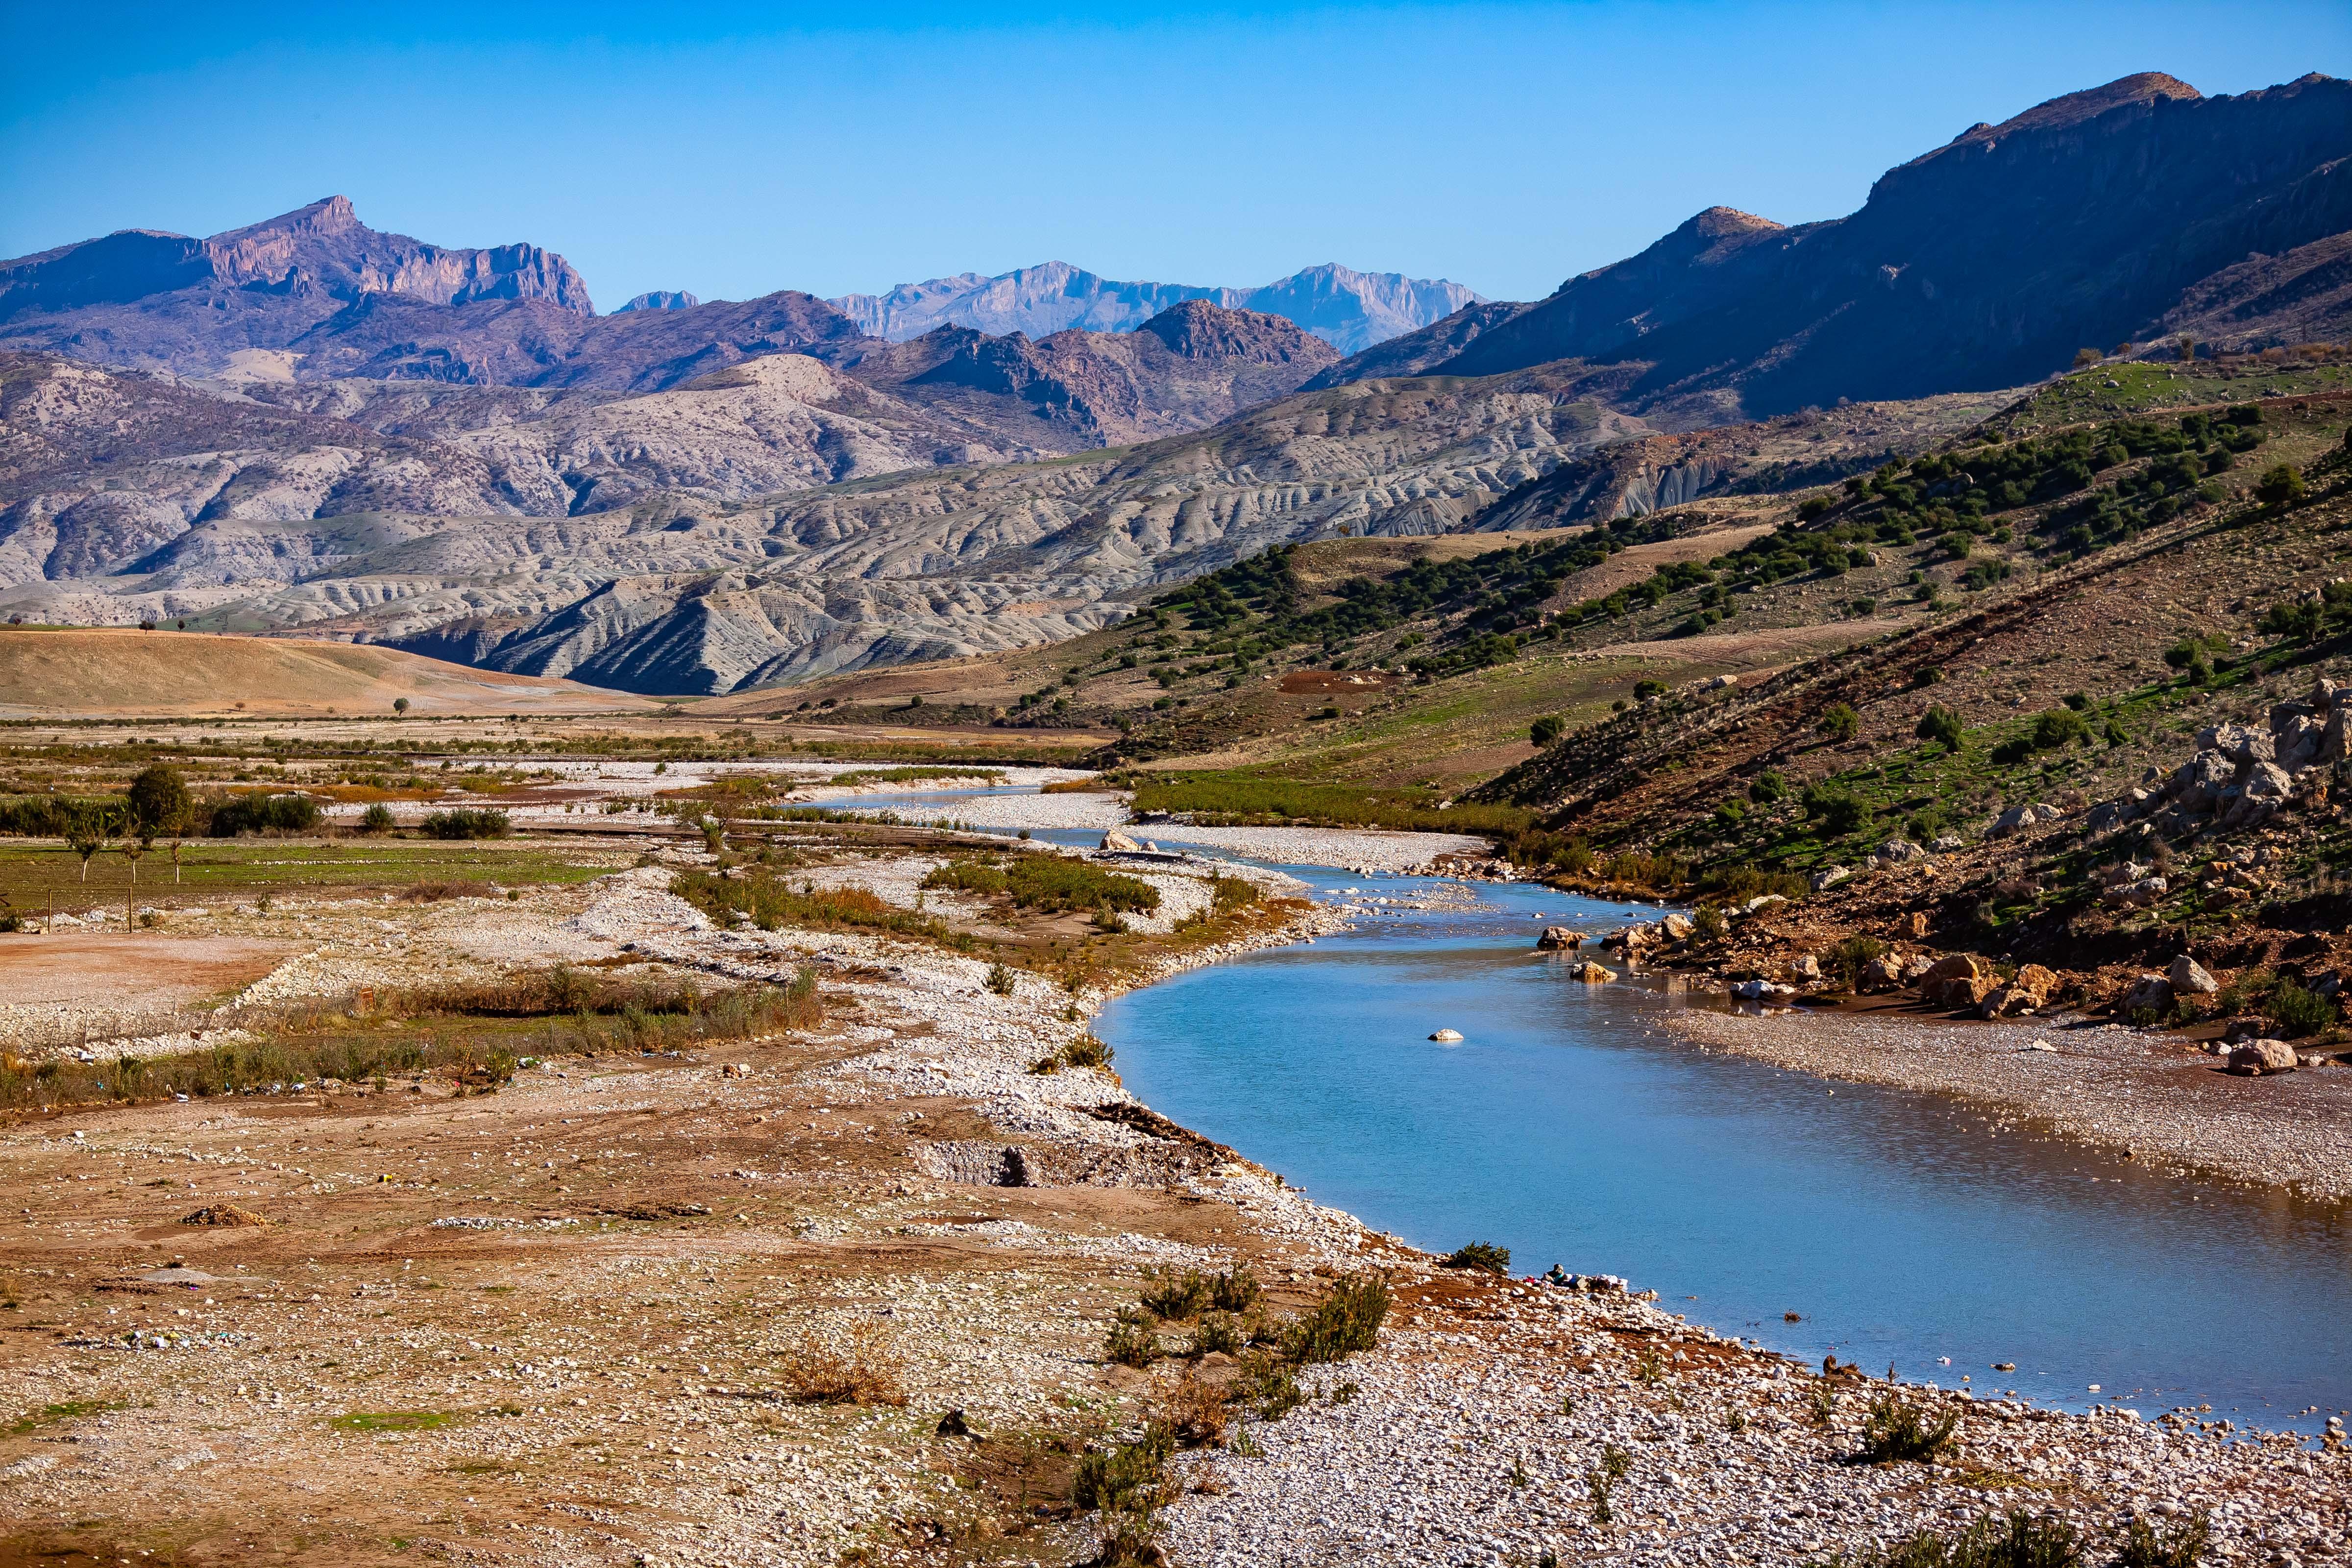 Turkey, Sirnak Prov, Landscape, 2009, IMG 1883